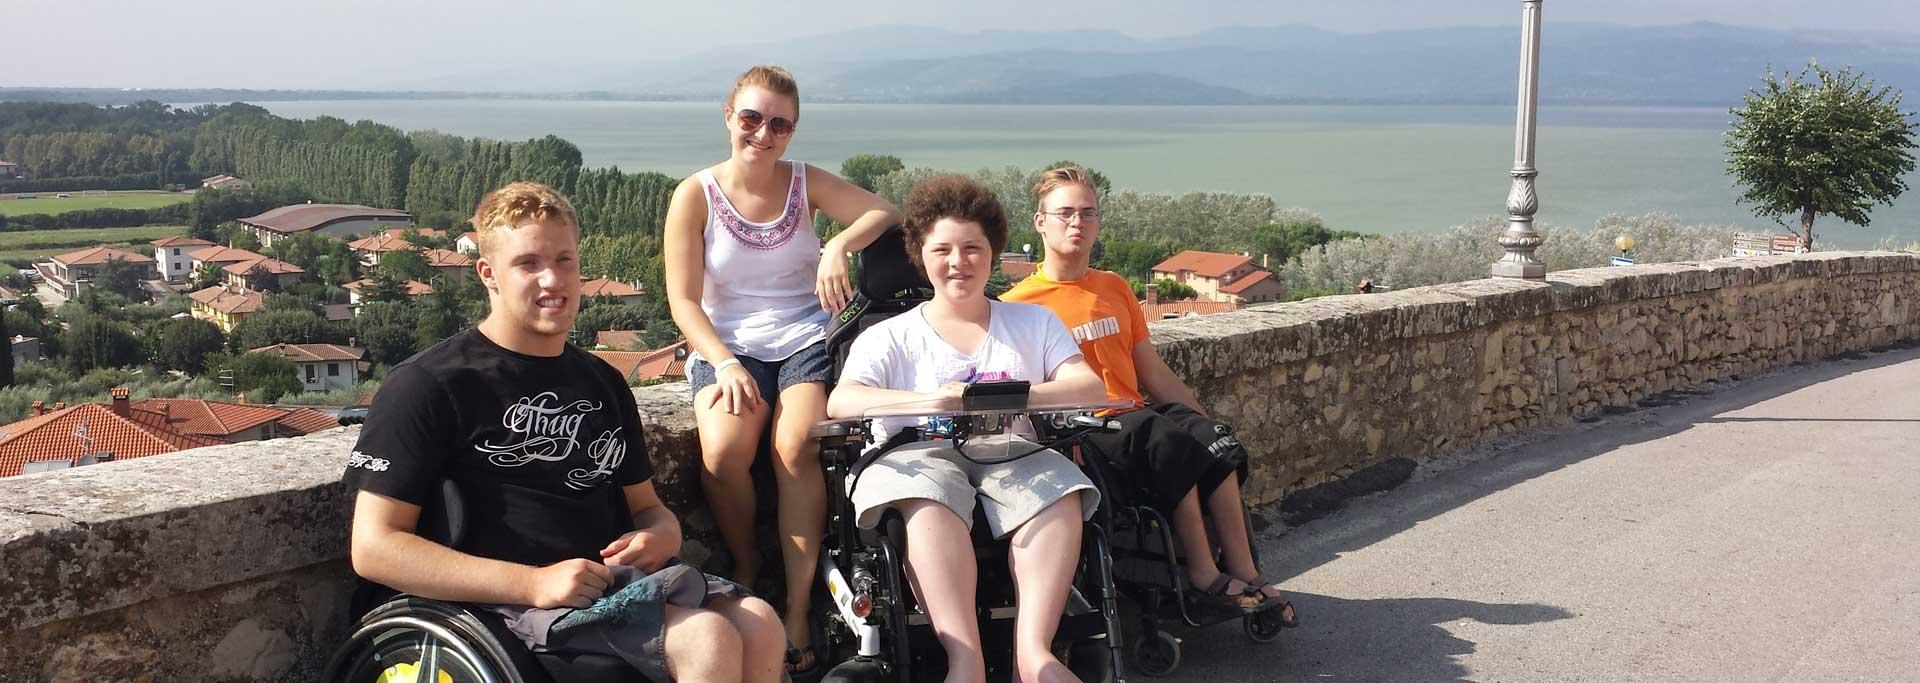 Reisen für Behinderte - Jugendreise in die Toskana